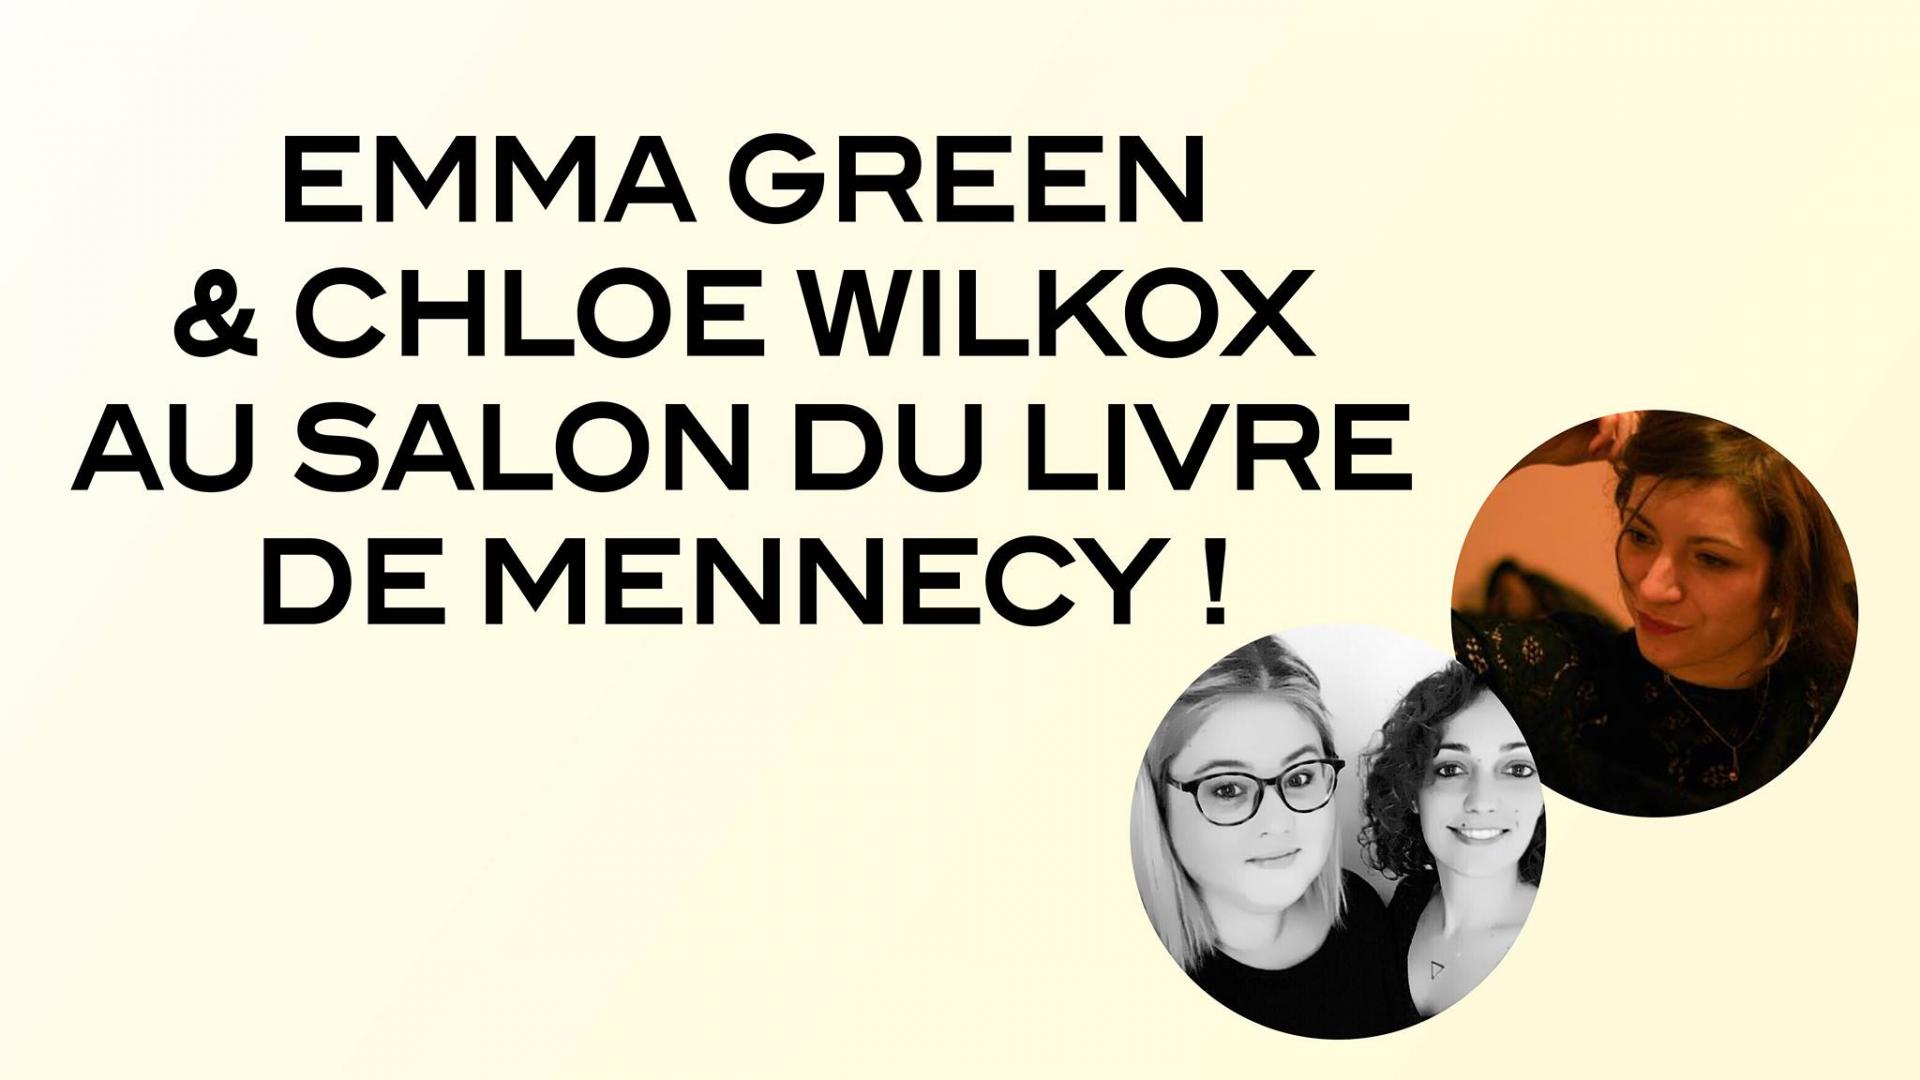 CHLOE WILKOX PRÉSENTE AU SALON DU LIVRE DE MENNECY